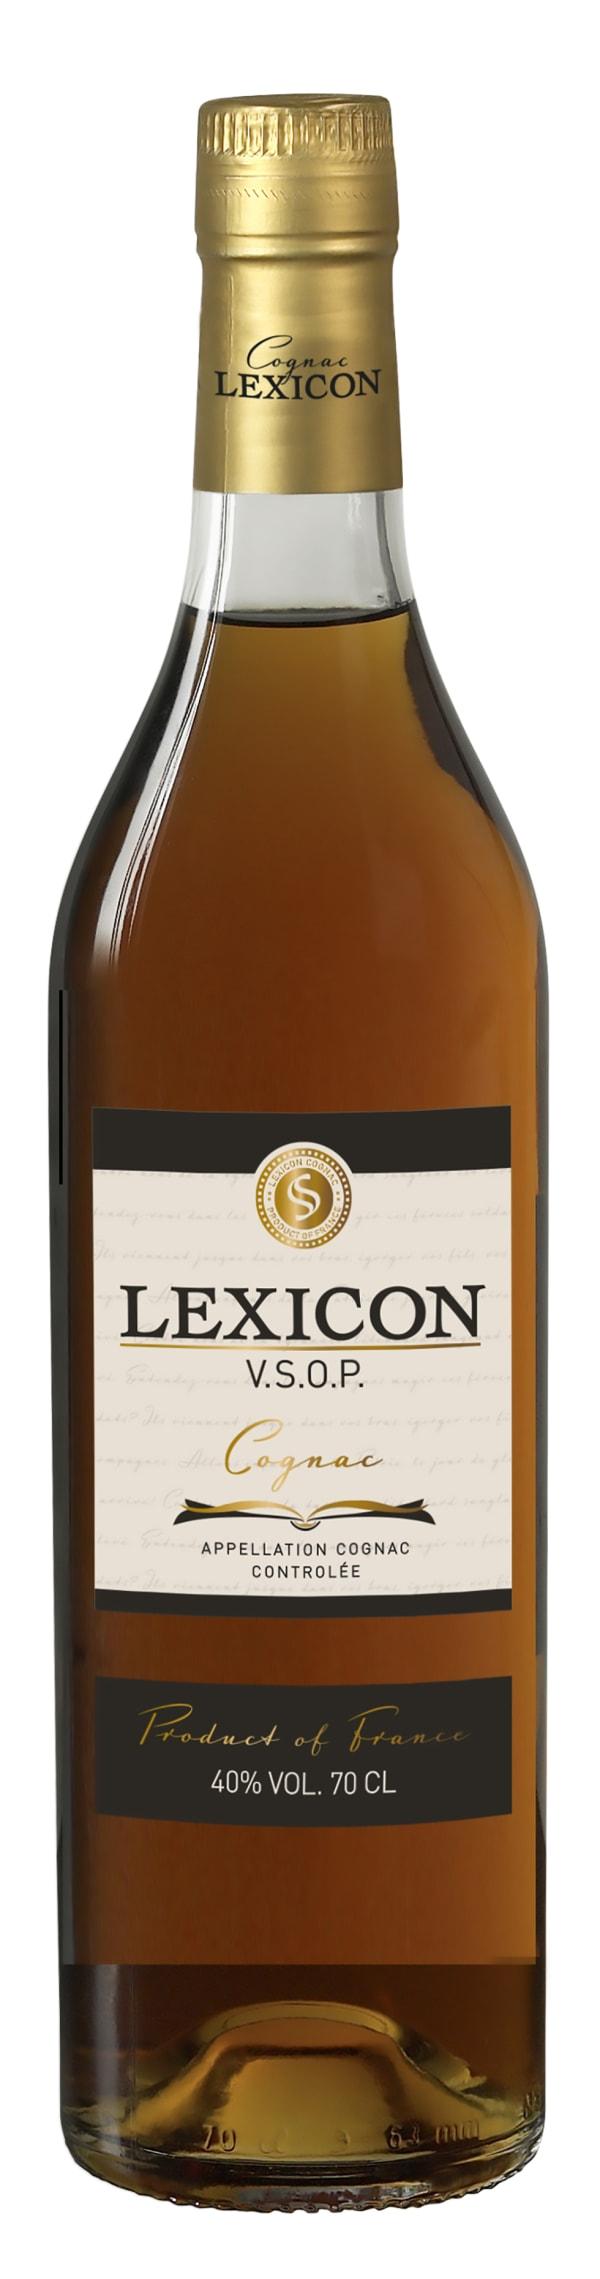 Lexicon VSOP